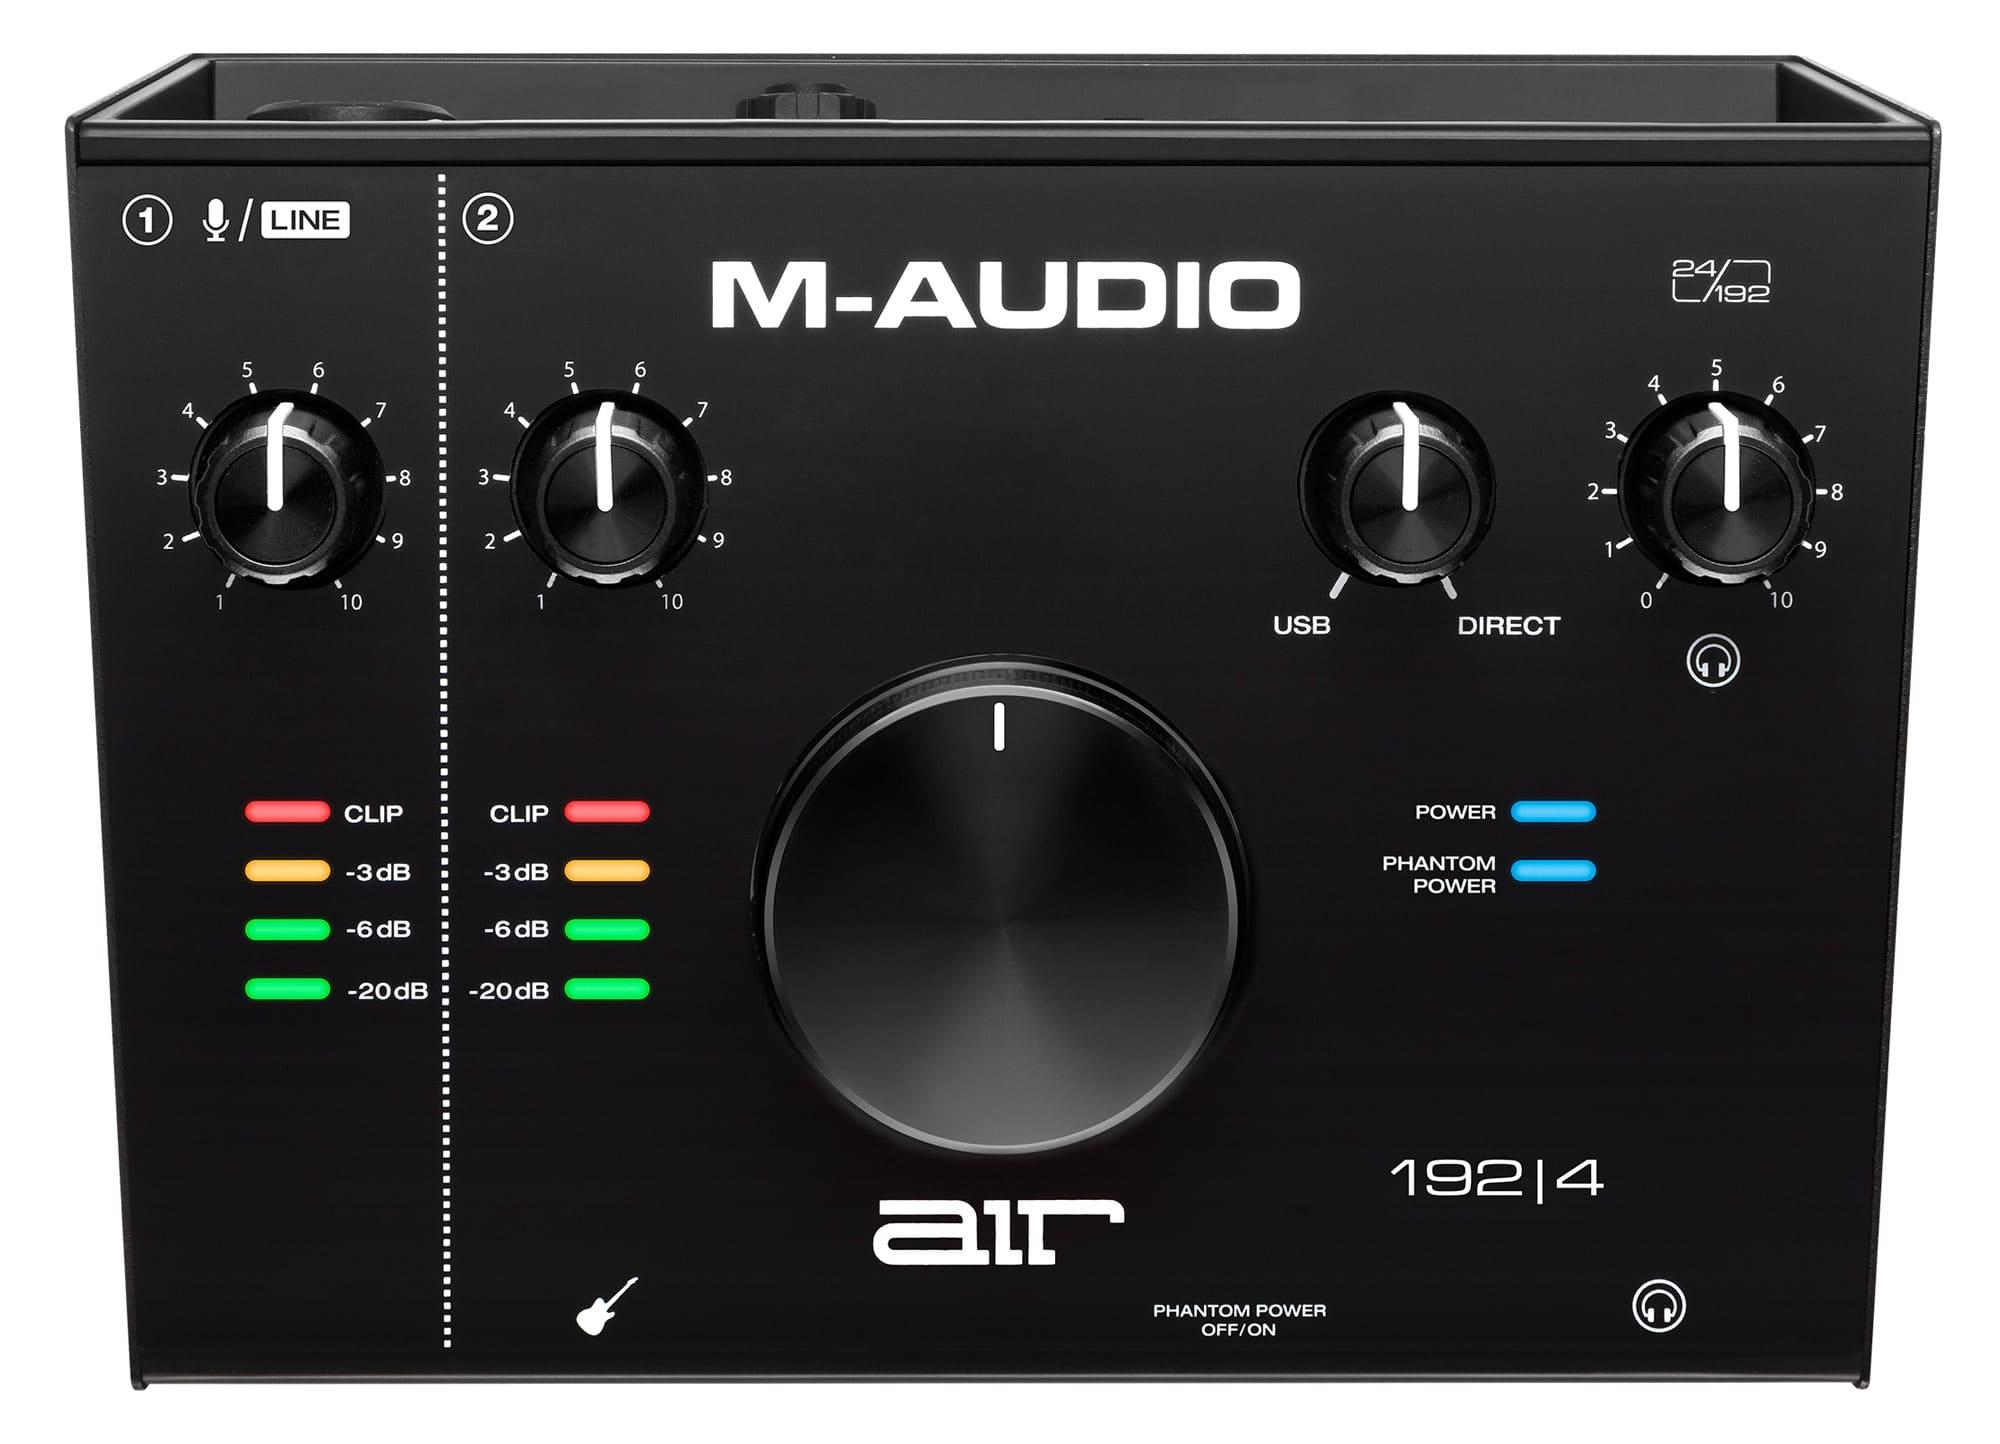 Pchardware - M Audio AIR 192|4 - Onlineshop Musikhaus Kirstein